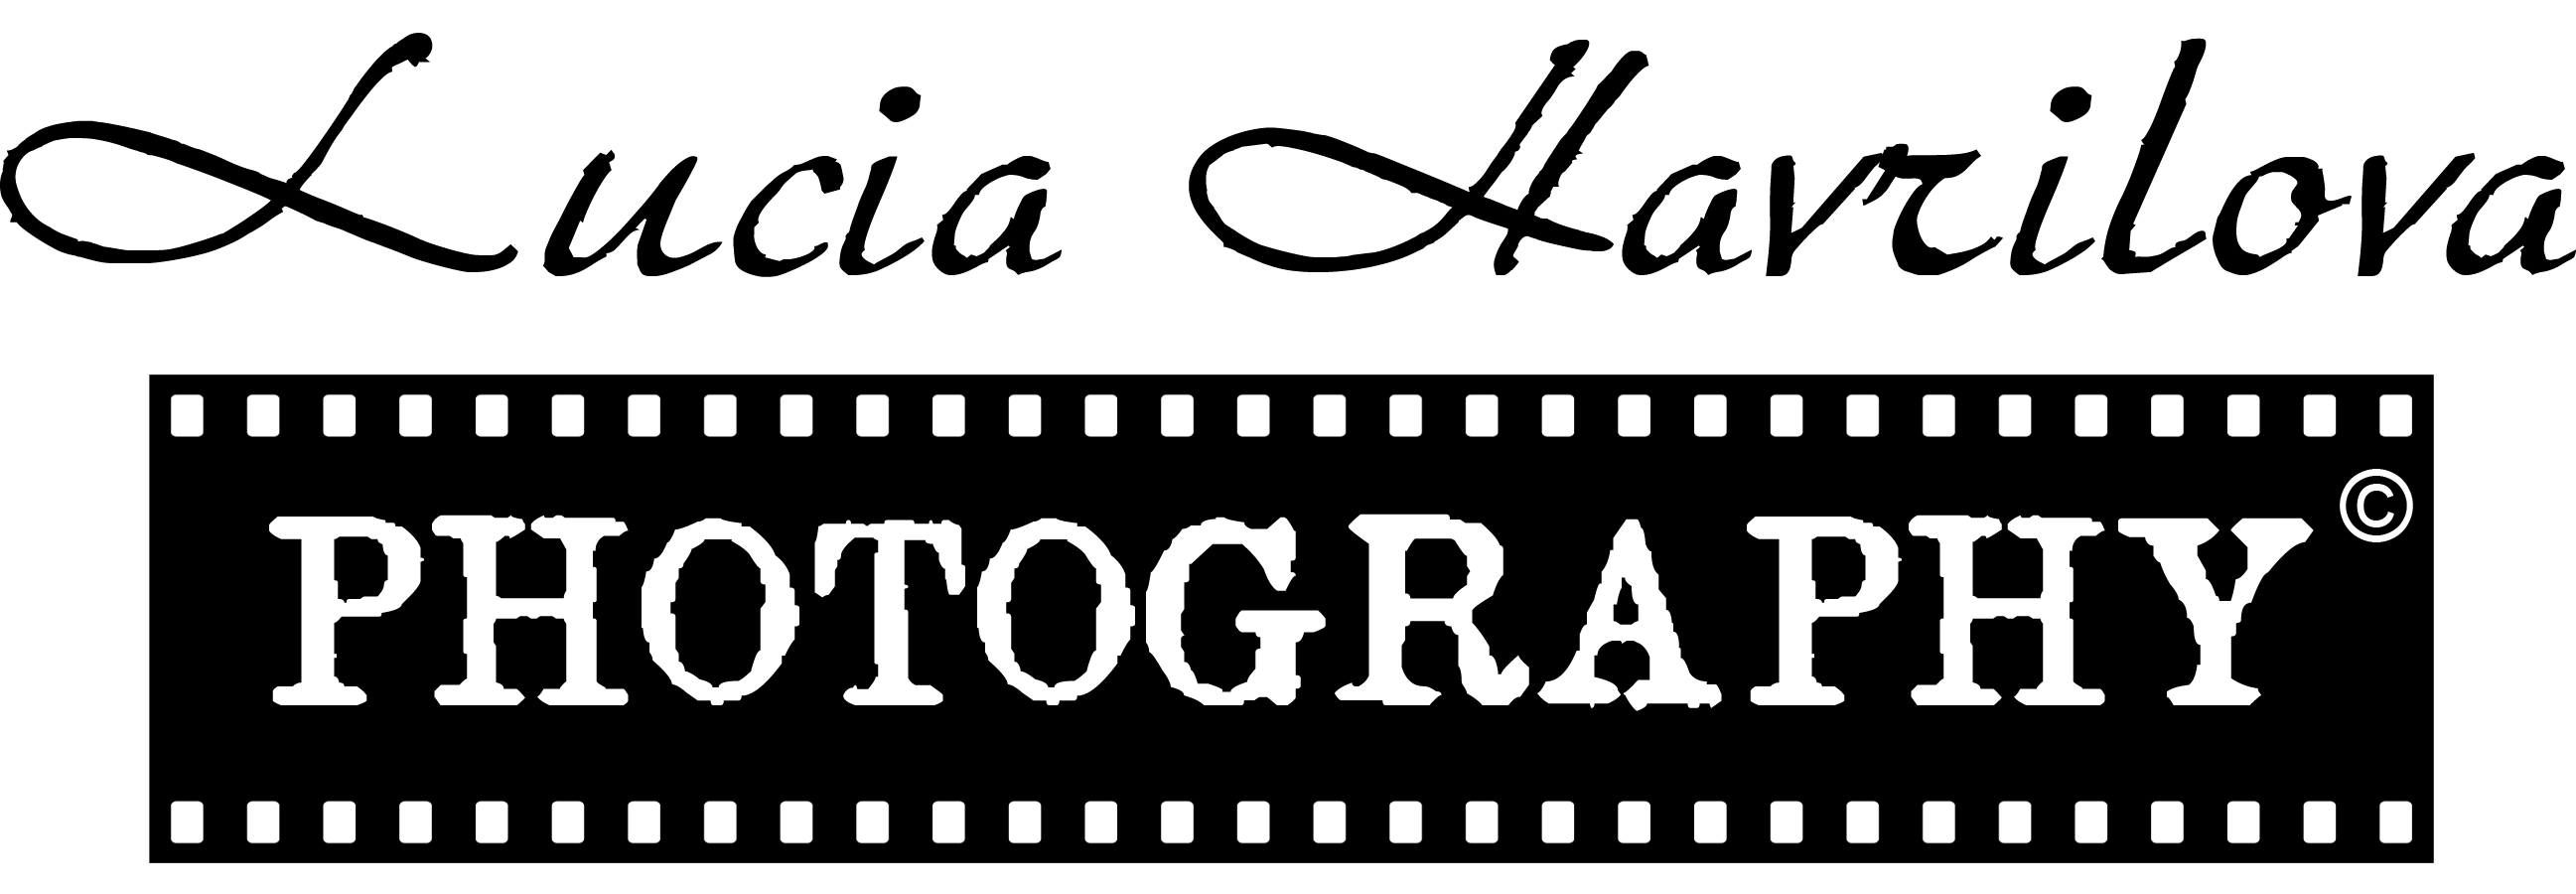 Lucia Havrilová - Photography logo